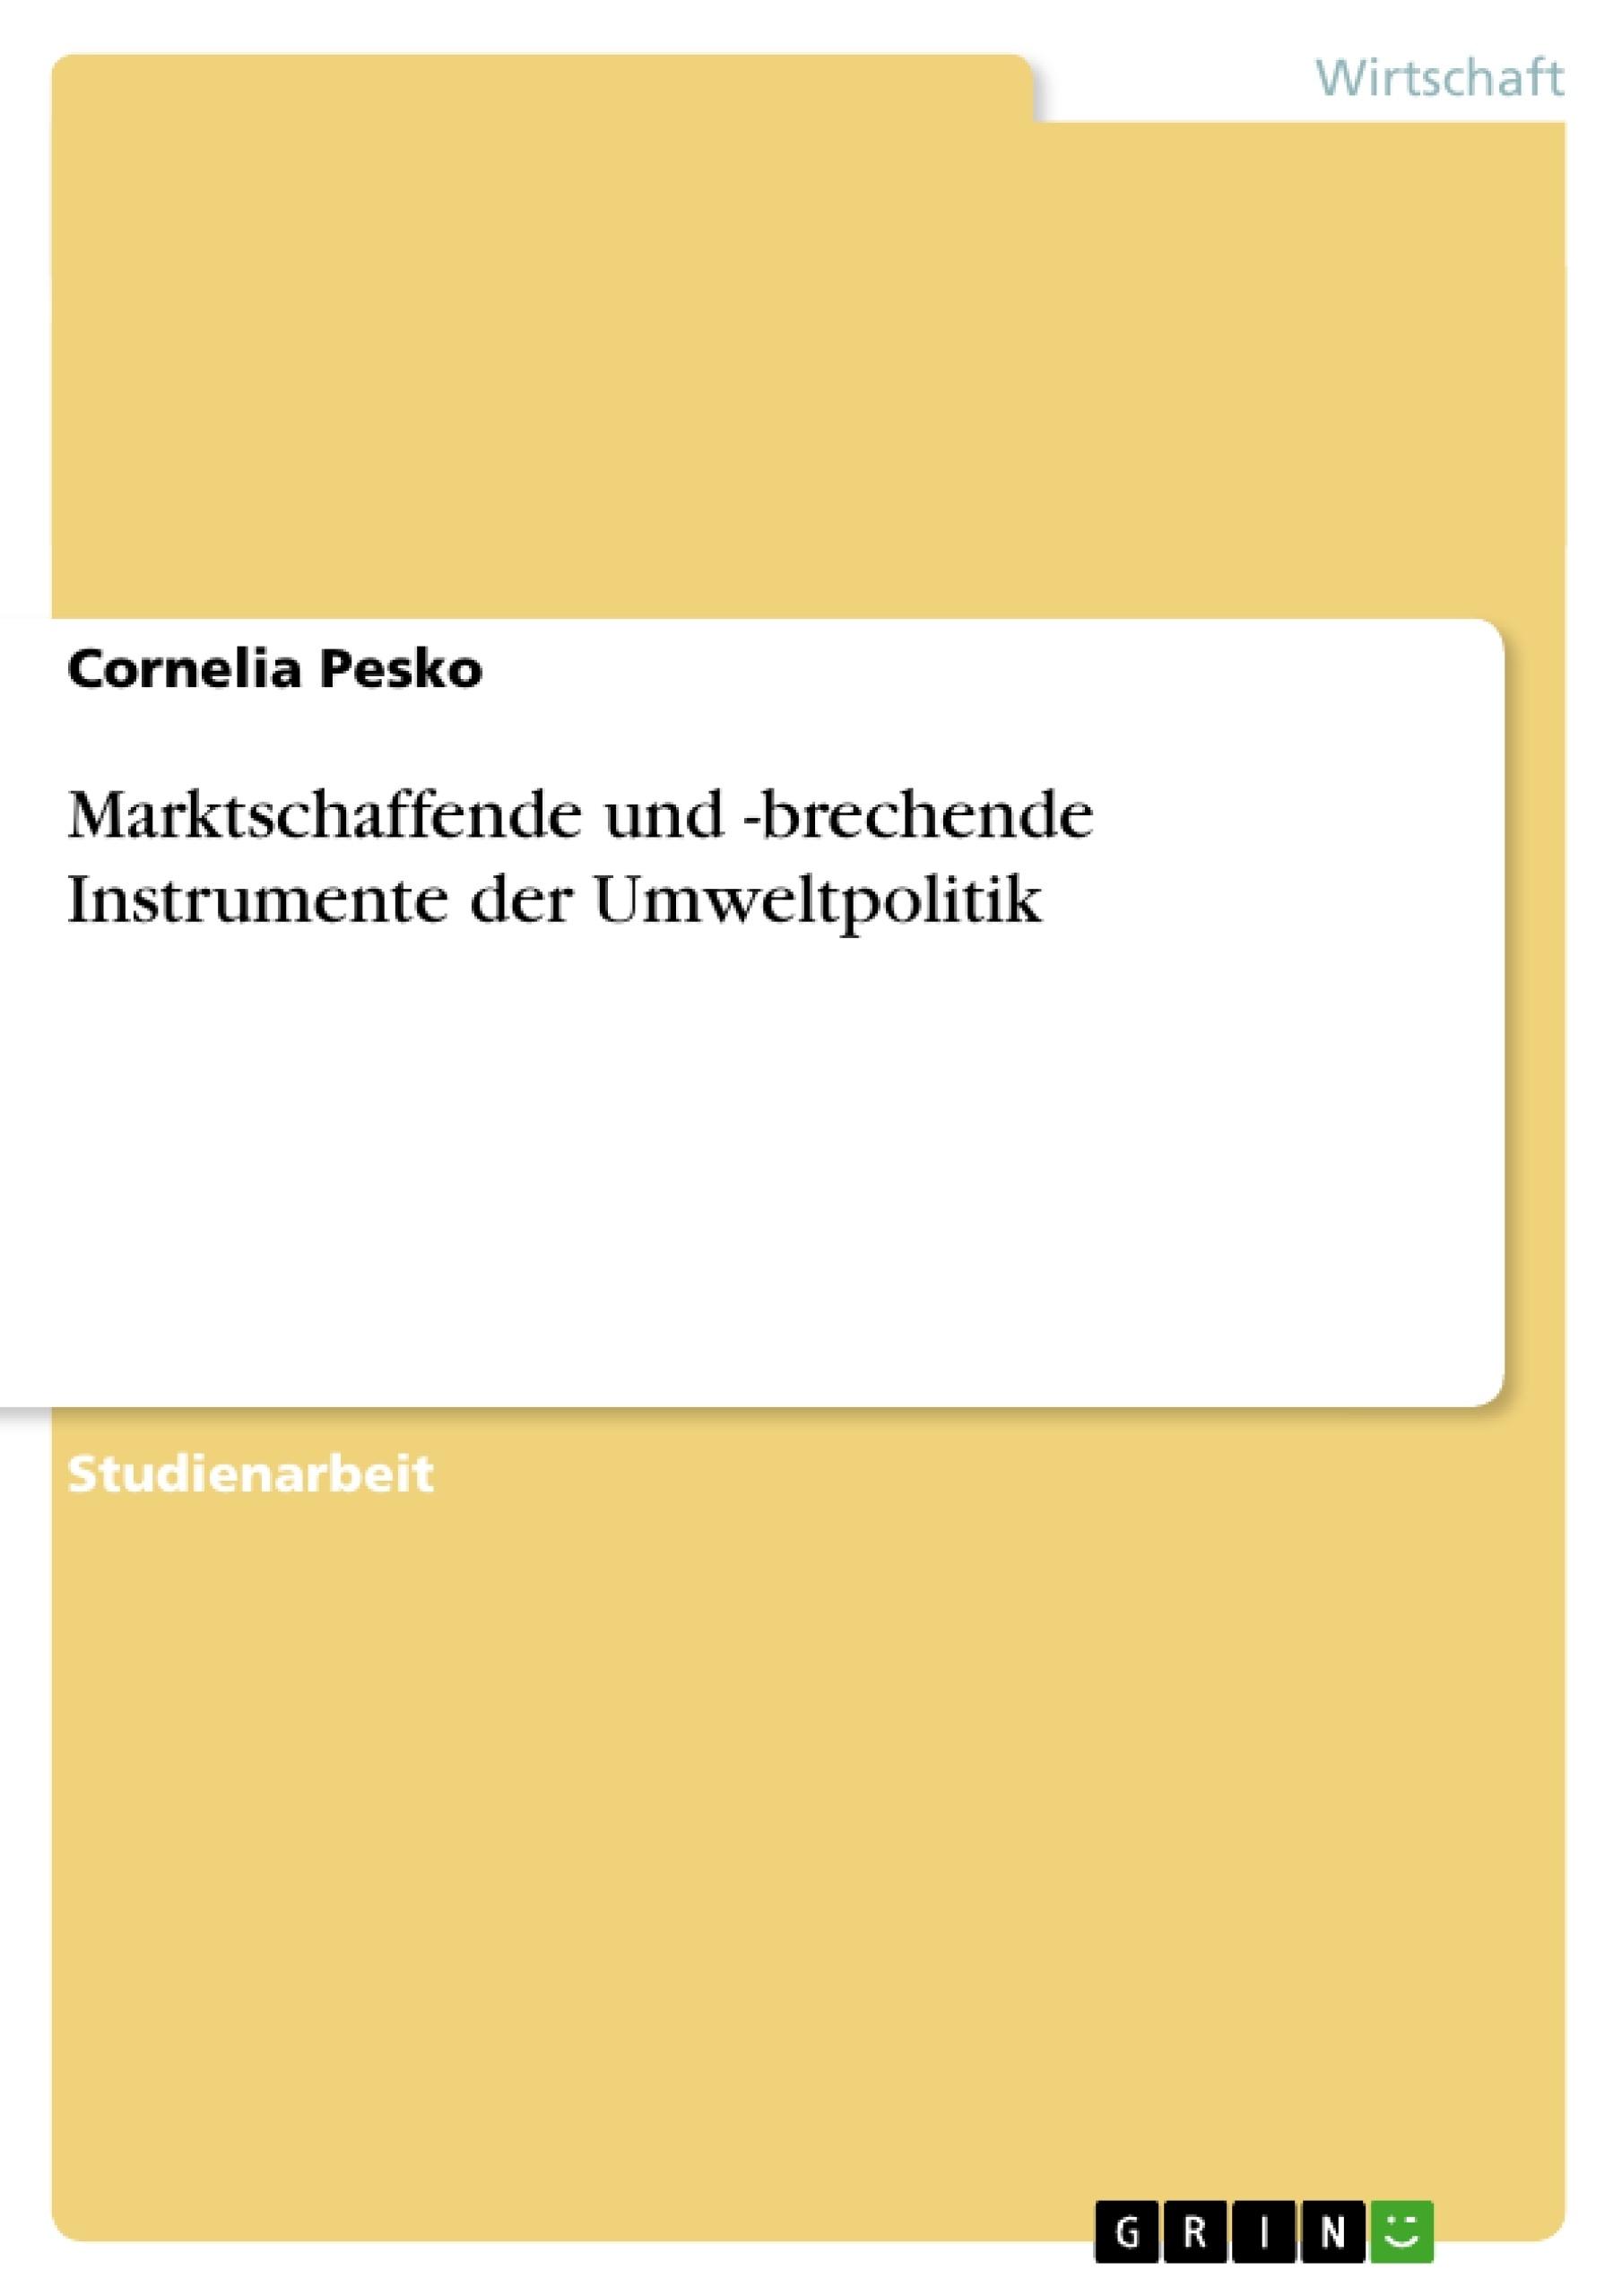 Titel: Marktschaffende und -brechende Instrumente der Umweltpolitik